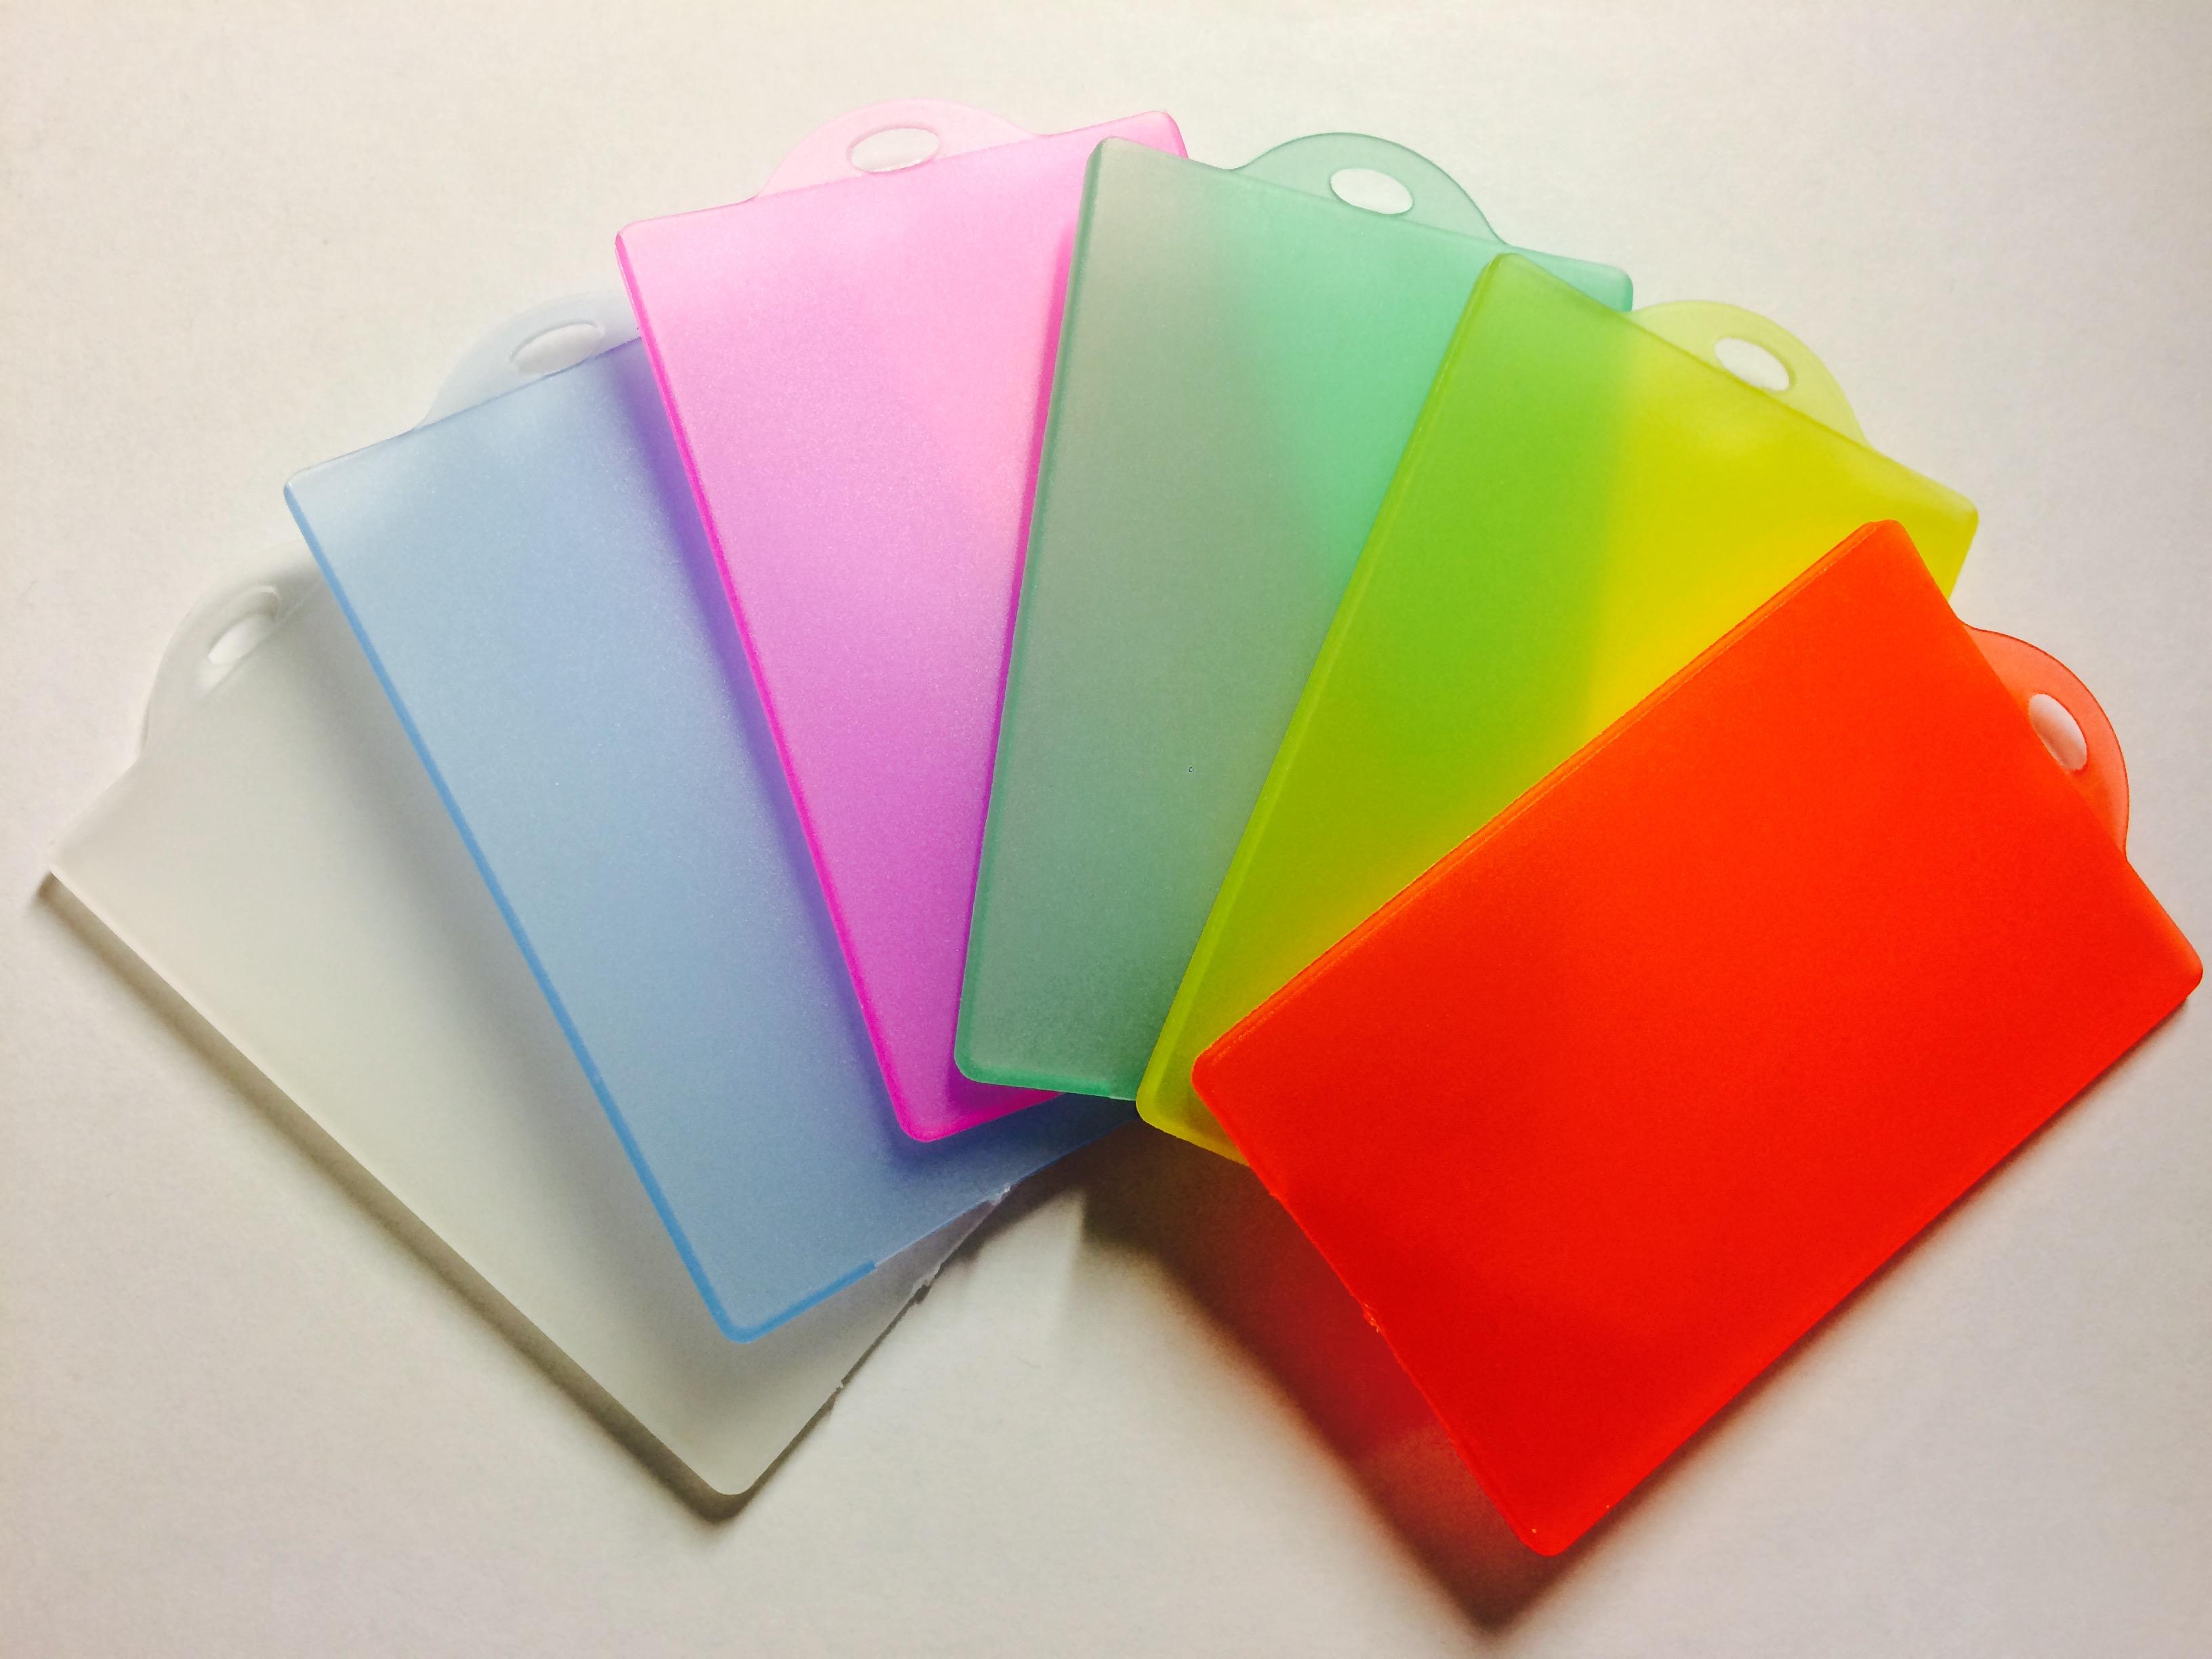 f37afaa9114 hoesje - OV-chipkaart hoesje - Verkrijgbaar in diverse kleuren -  OV-chipkaart kopen